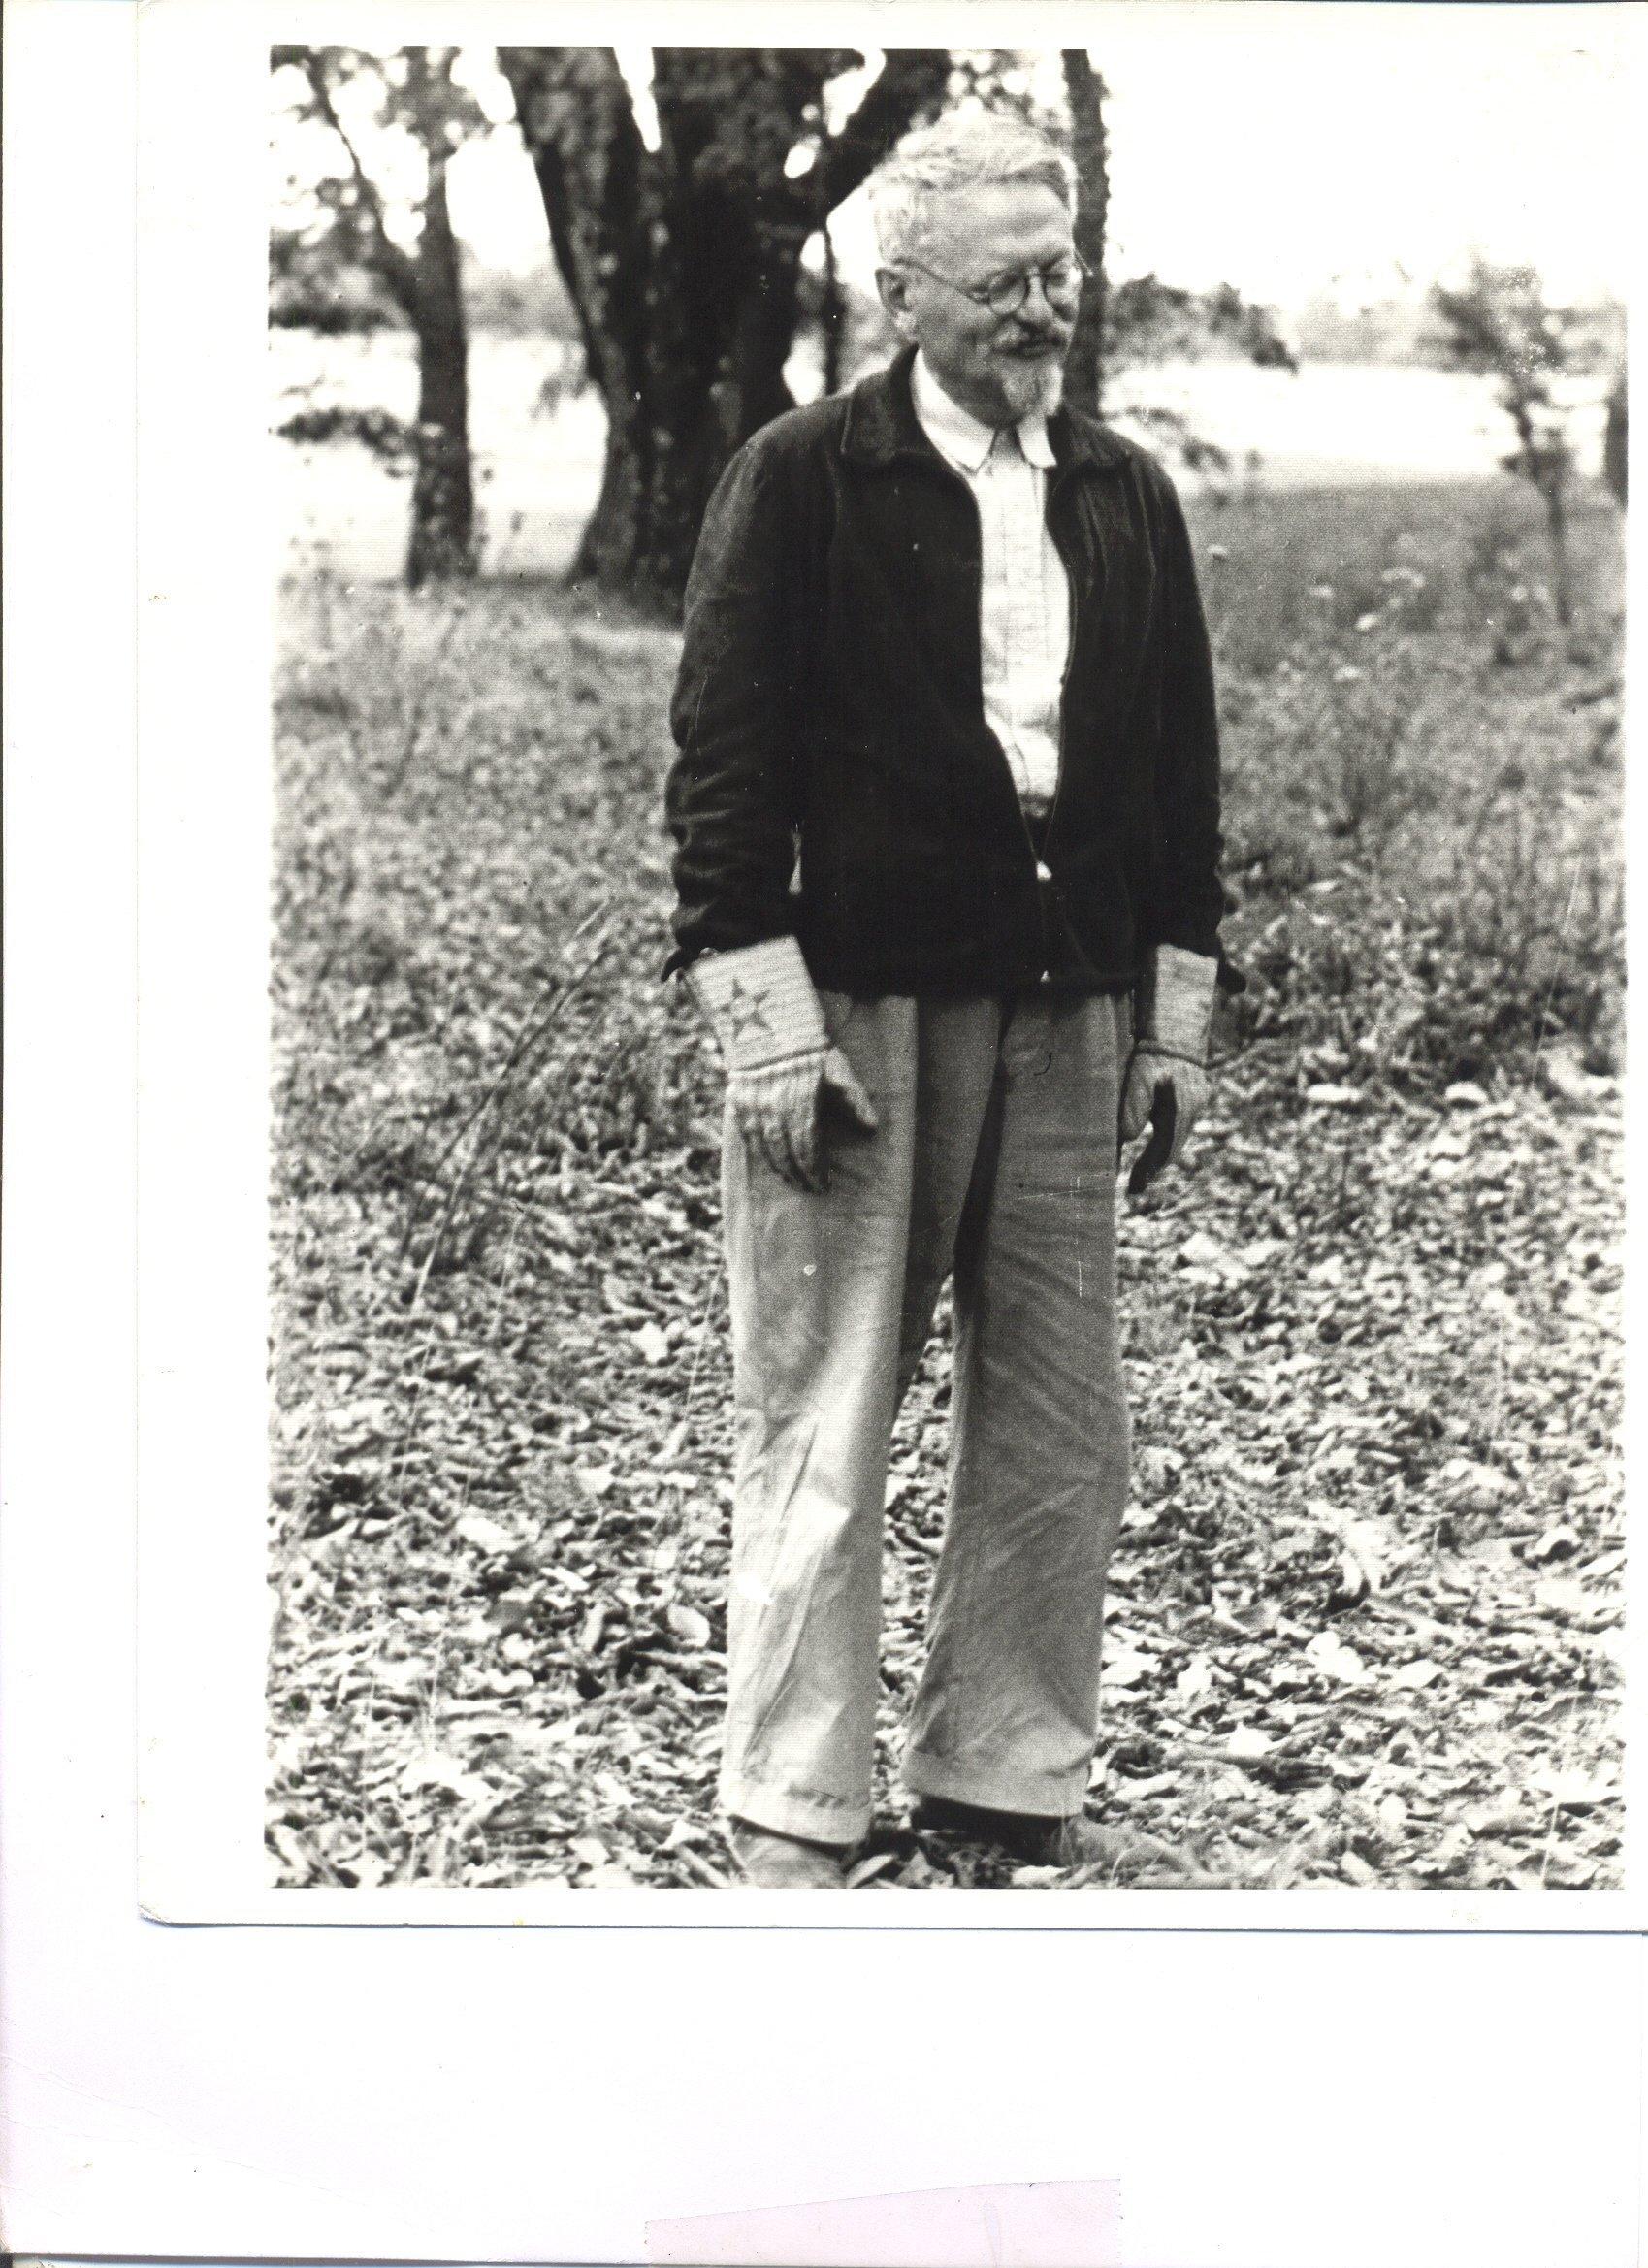 León Trotsky con guantes de jardinero